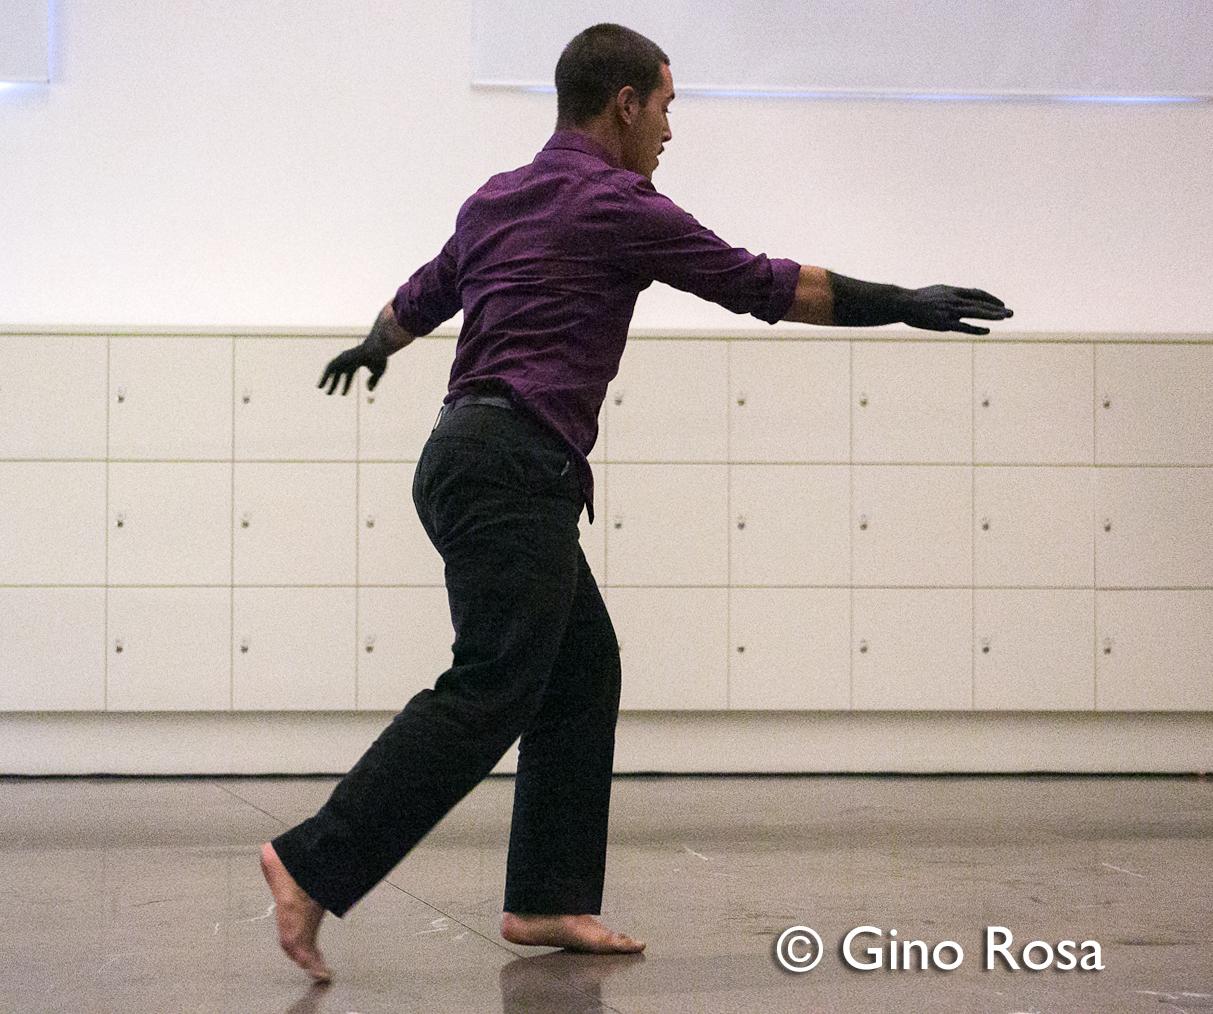 http://www.danzaurbana.eu/associazione/wp-content/uploads/2018/05/Masdanza_A_Frutos_2012.jpg